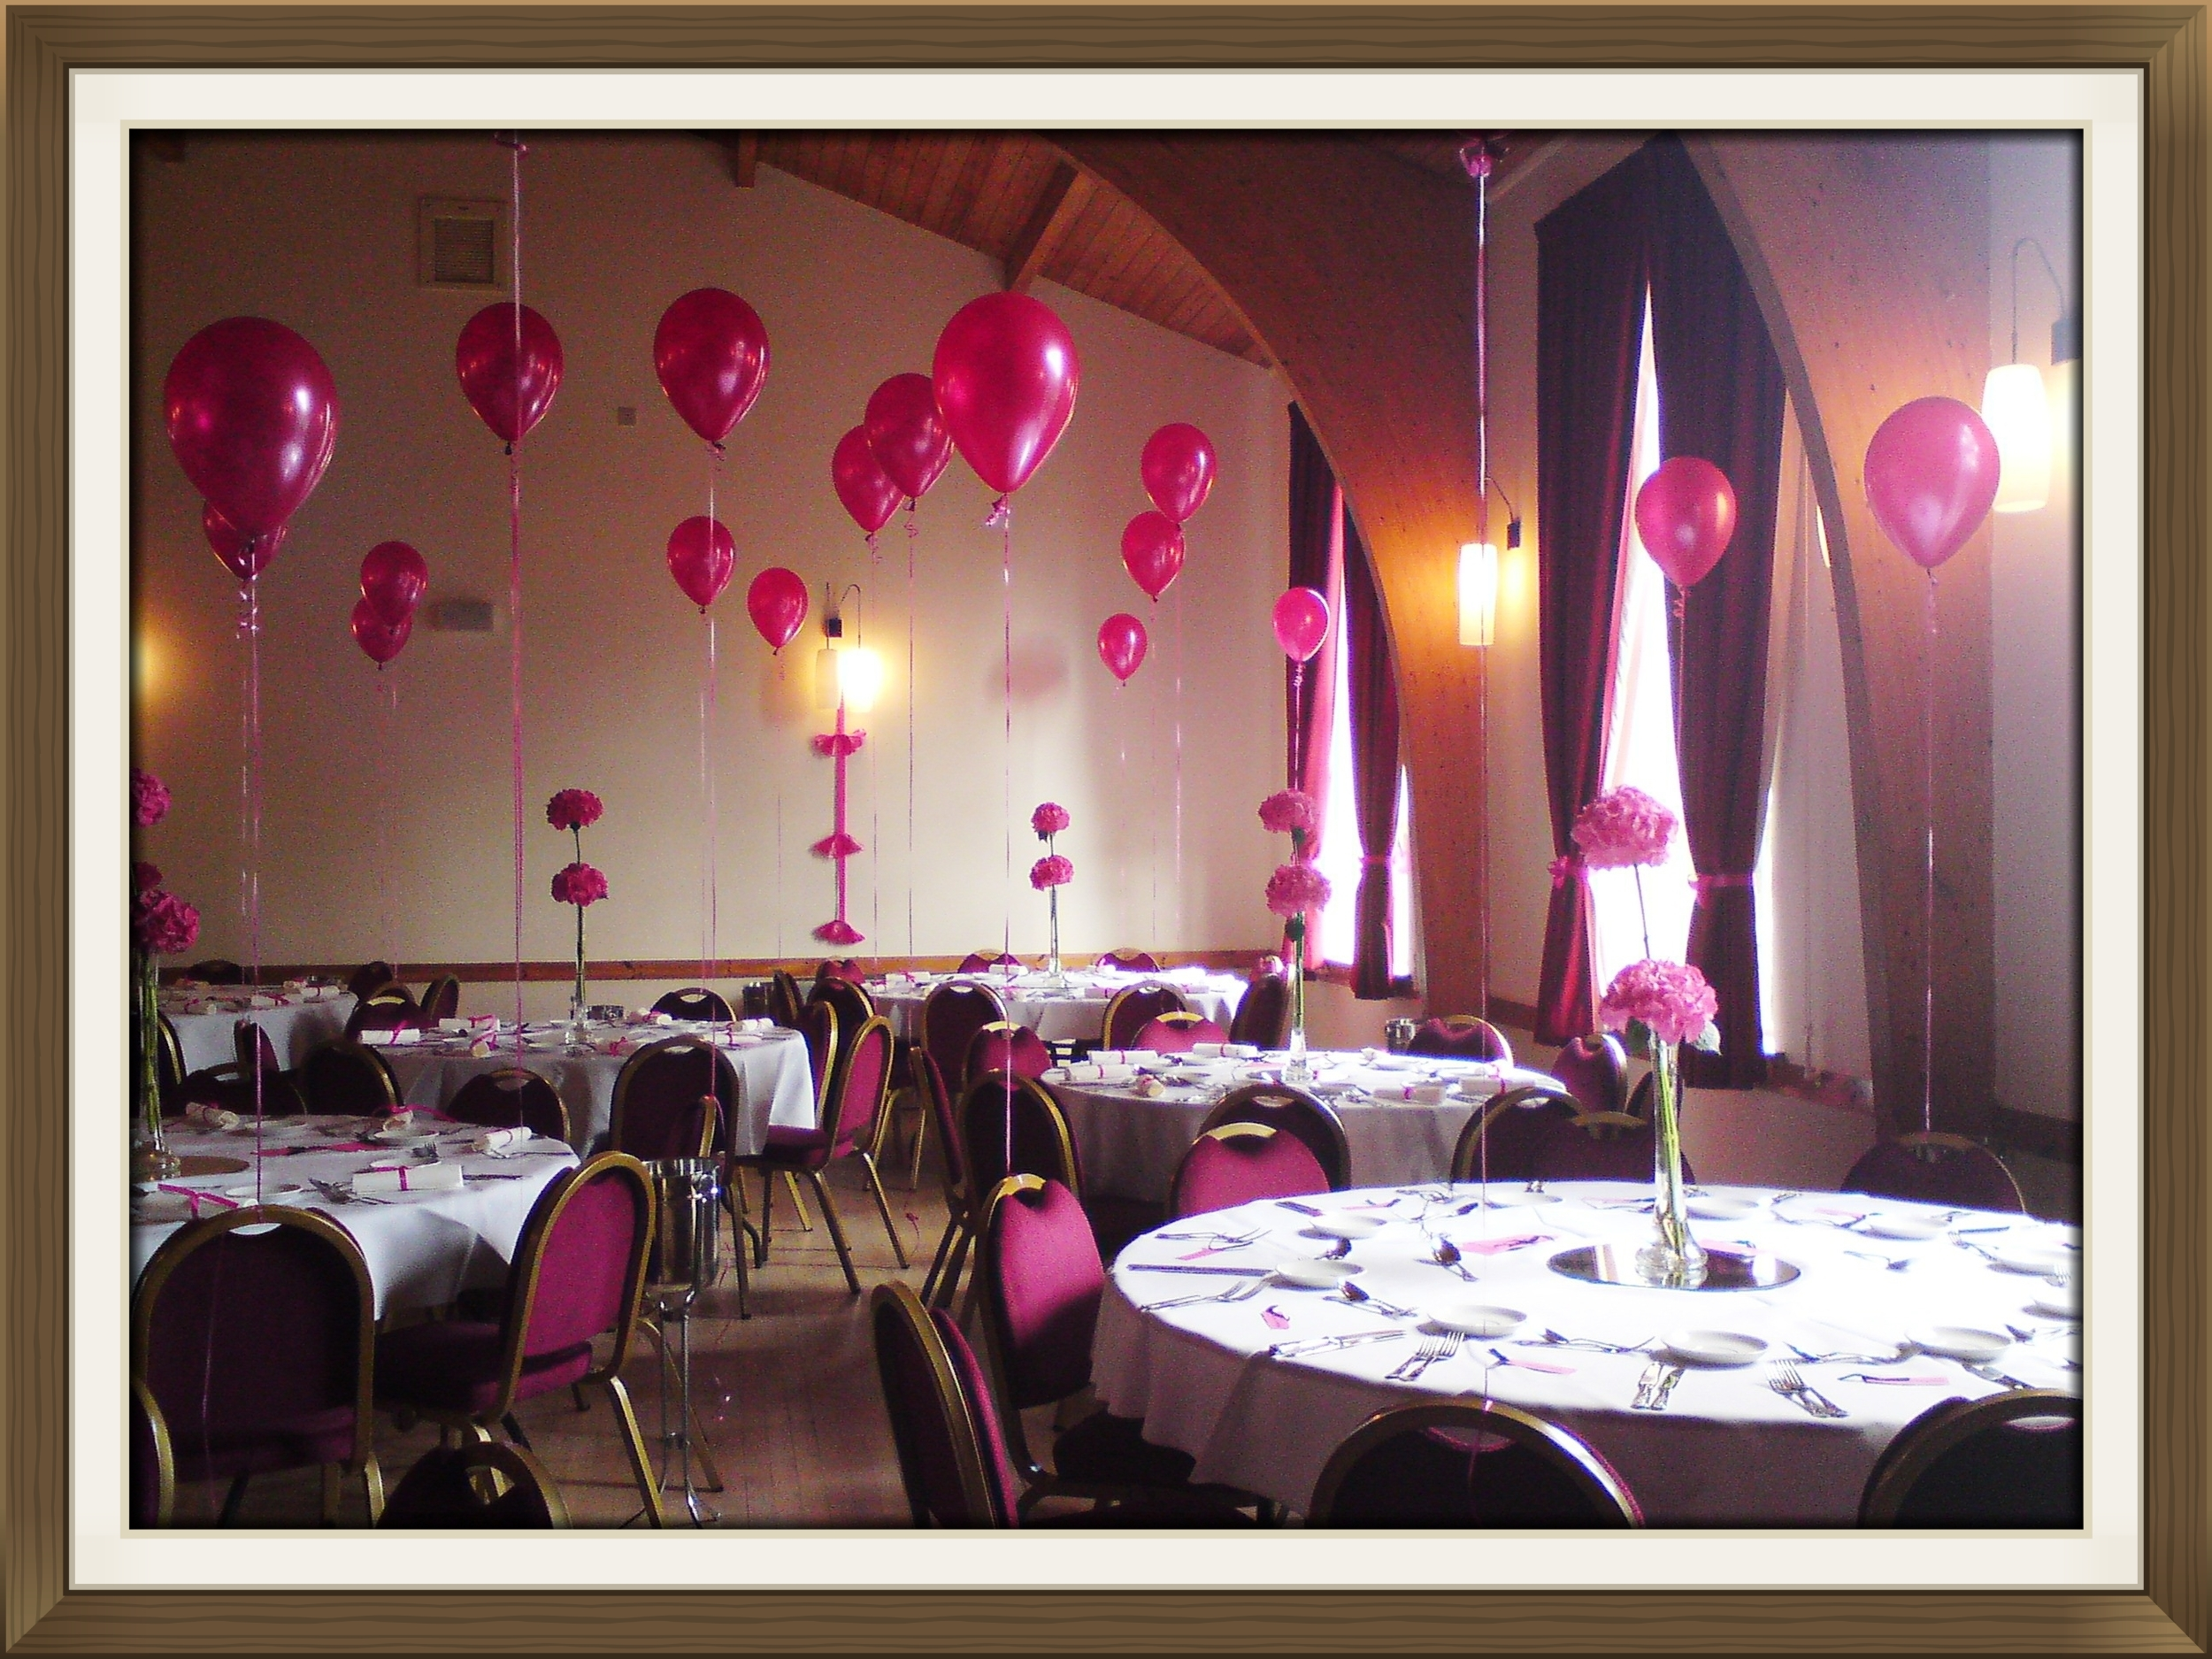 Village hall wedding venue table settings 5